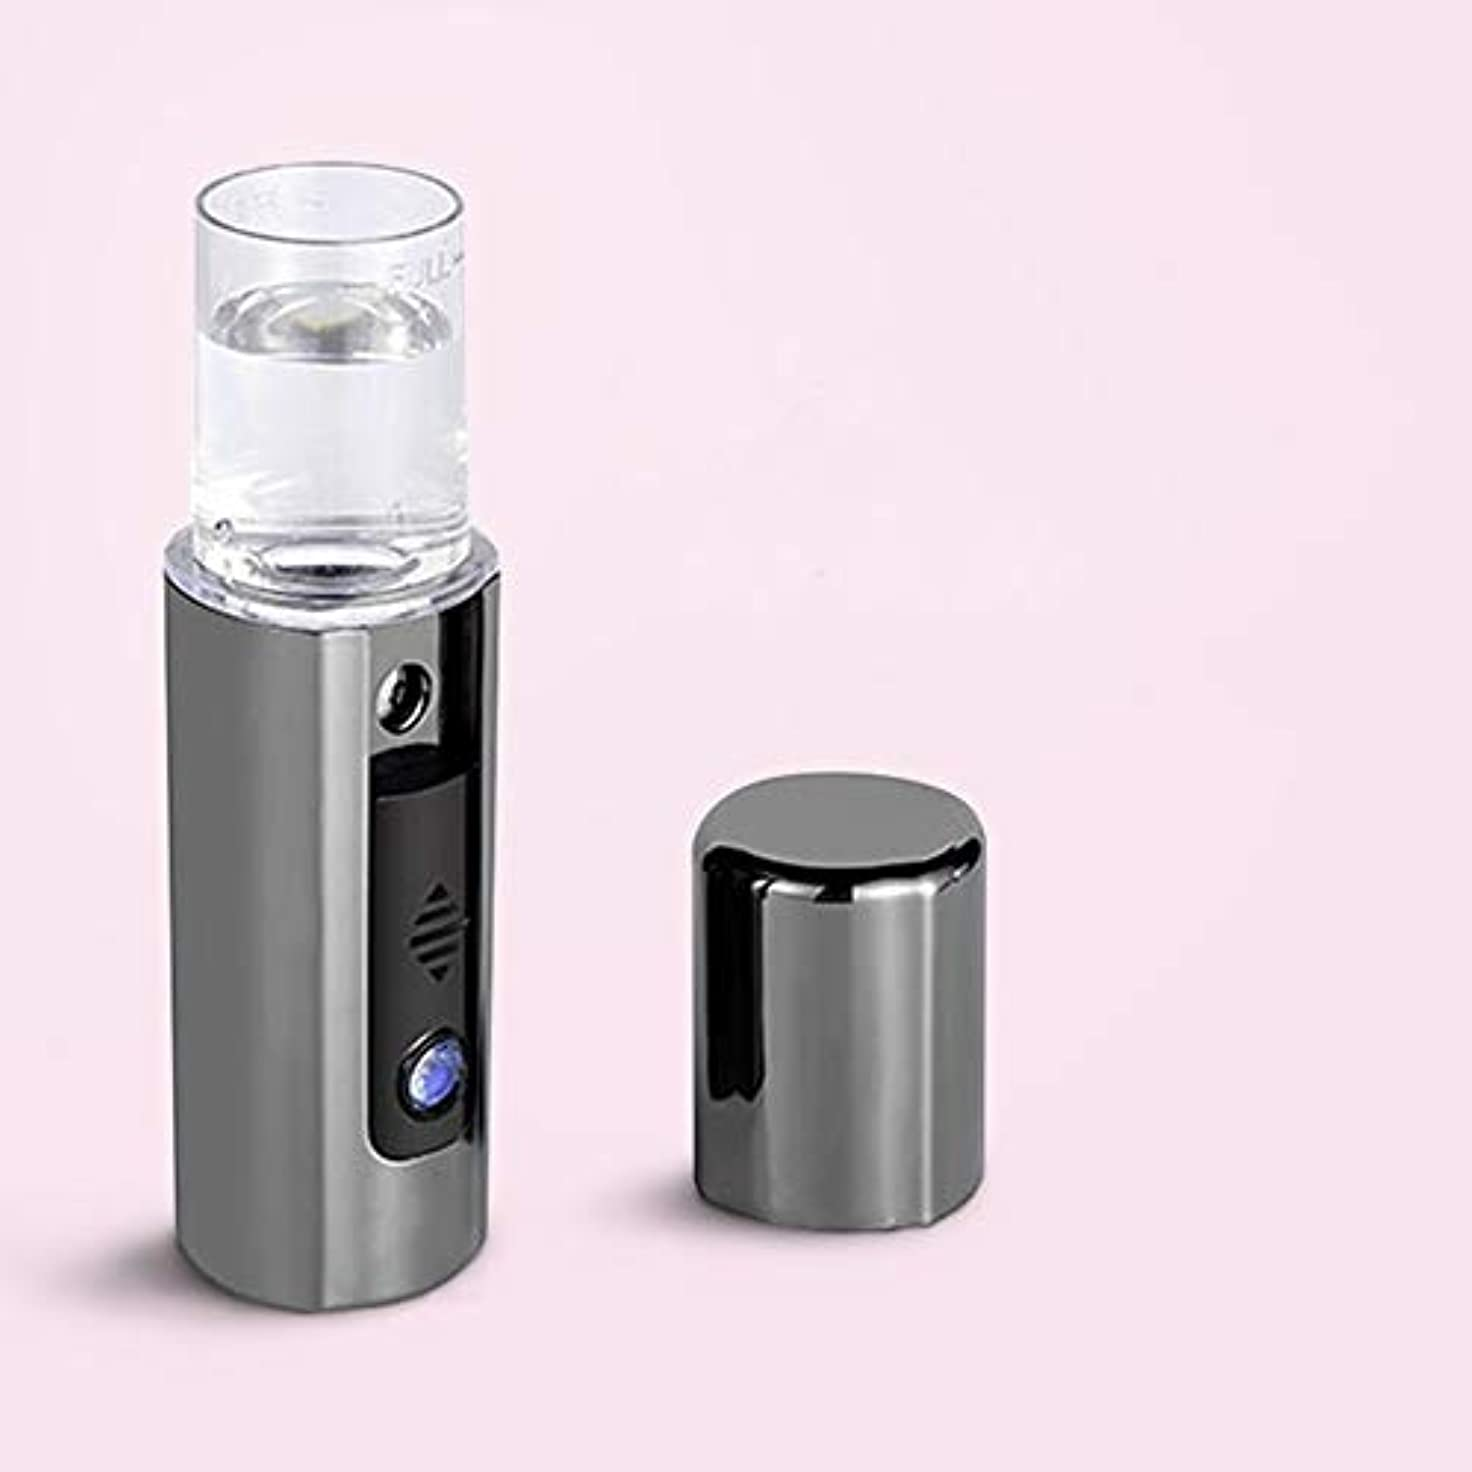 無数の管理レイアウトZXF ポータブルナノスプレー美容器具蒸し顔ポータブルフェイシャルコールドスプレー器具保湿水道メーター 滑らかである (色 : Black)